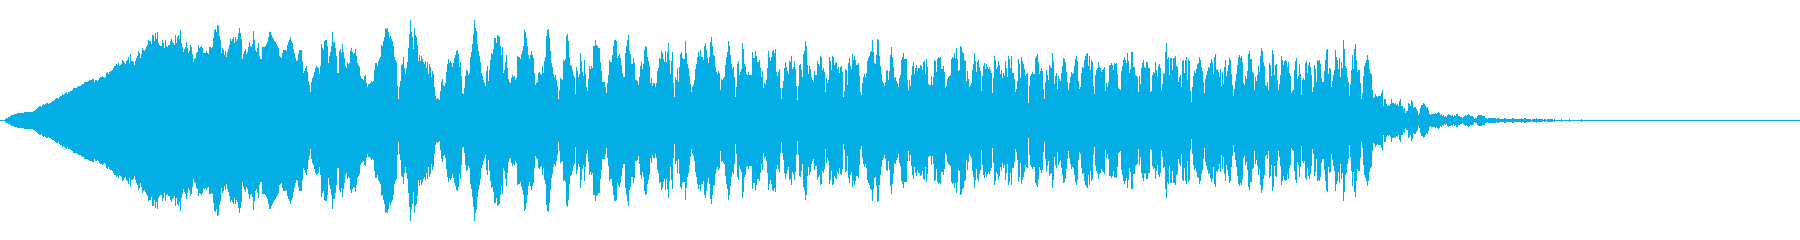 怖くないお化けの登場音の再生済みの波形